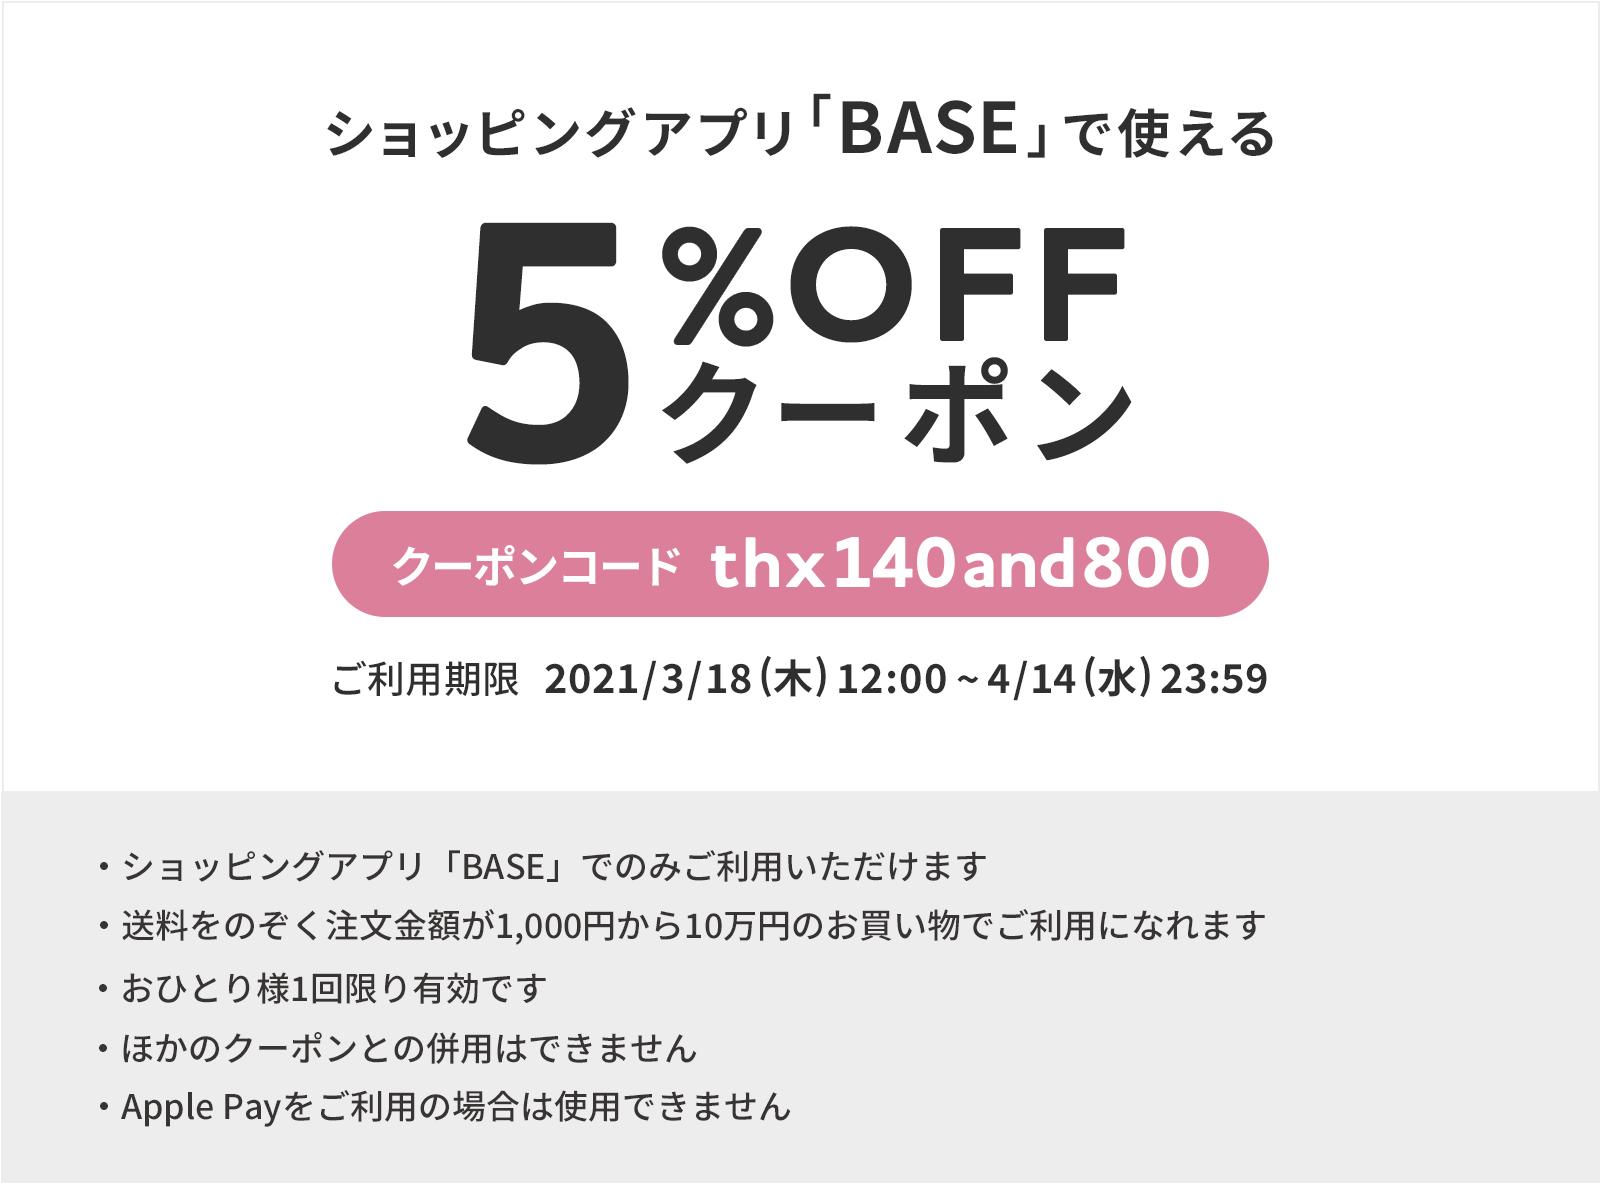 【3/18~4/14 期間限定!】5%OFFクーポンをプレゼント♪